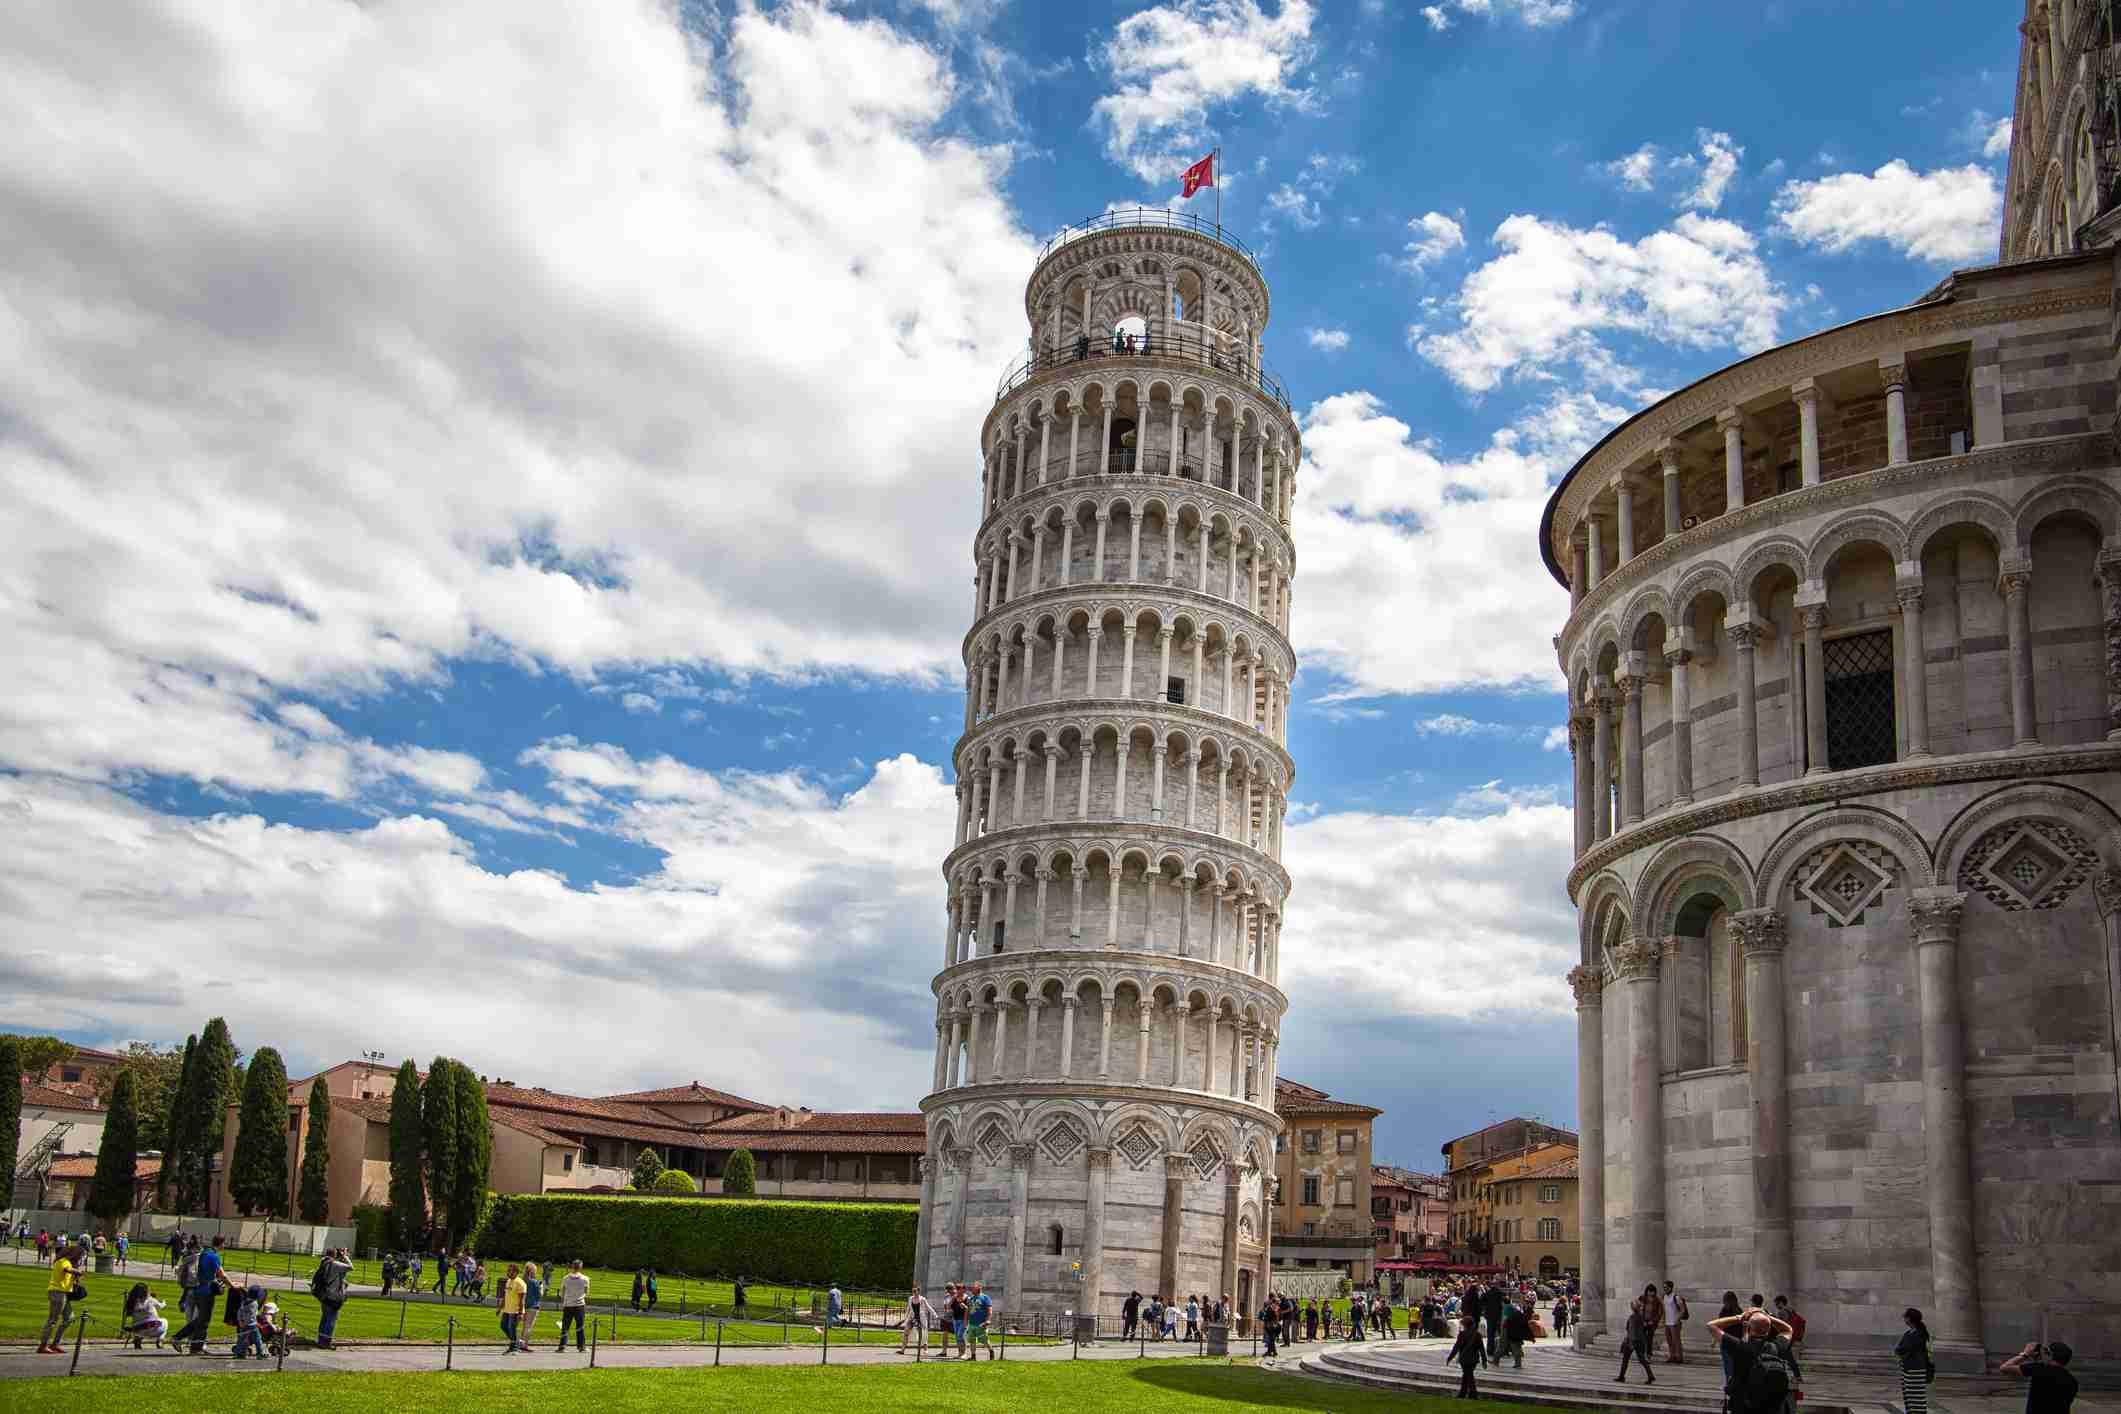 Tháp nghiêng Pisa và những điều bạn chưa từng biết - ảnh 4